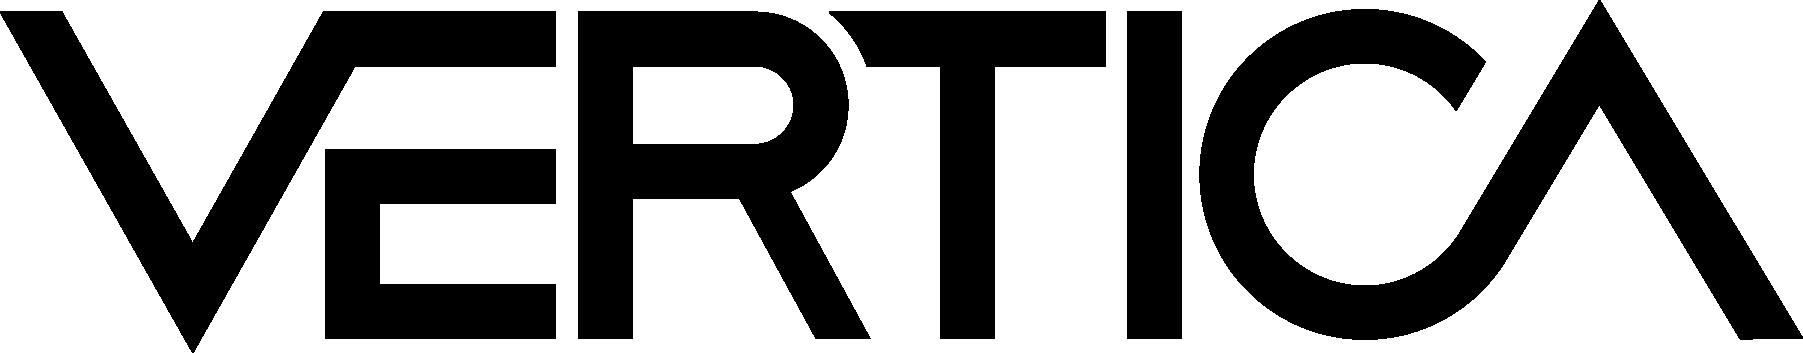 vertica_pos_blk_rgb-2